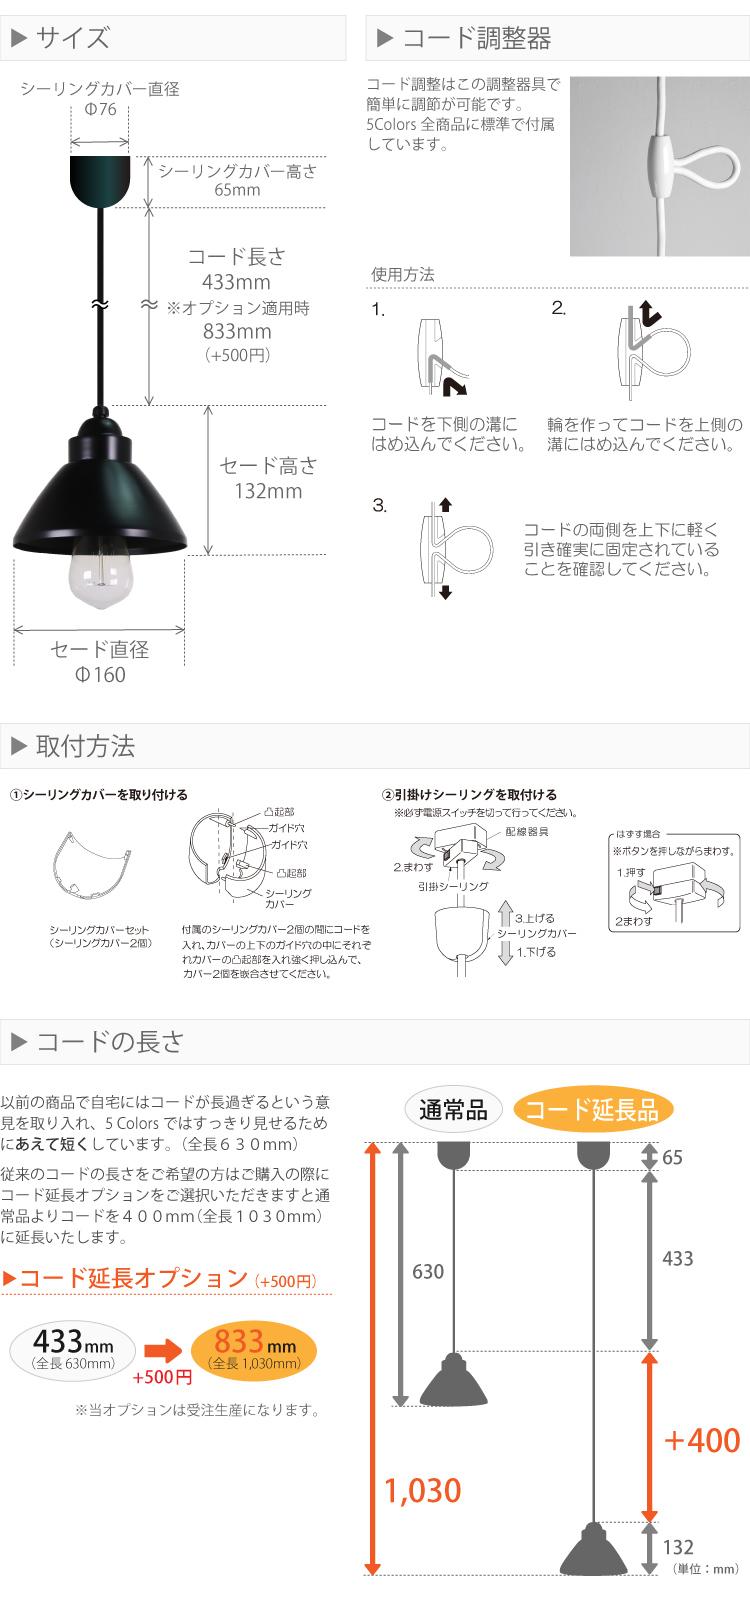 日本製 5カラーペンダントライト